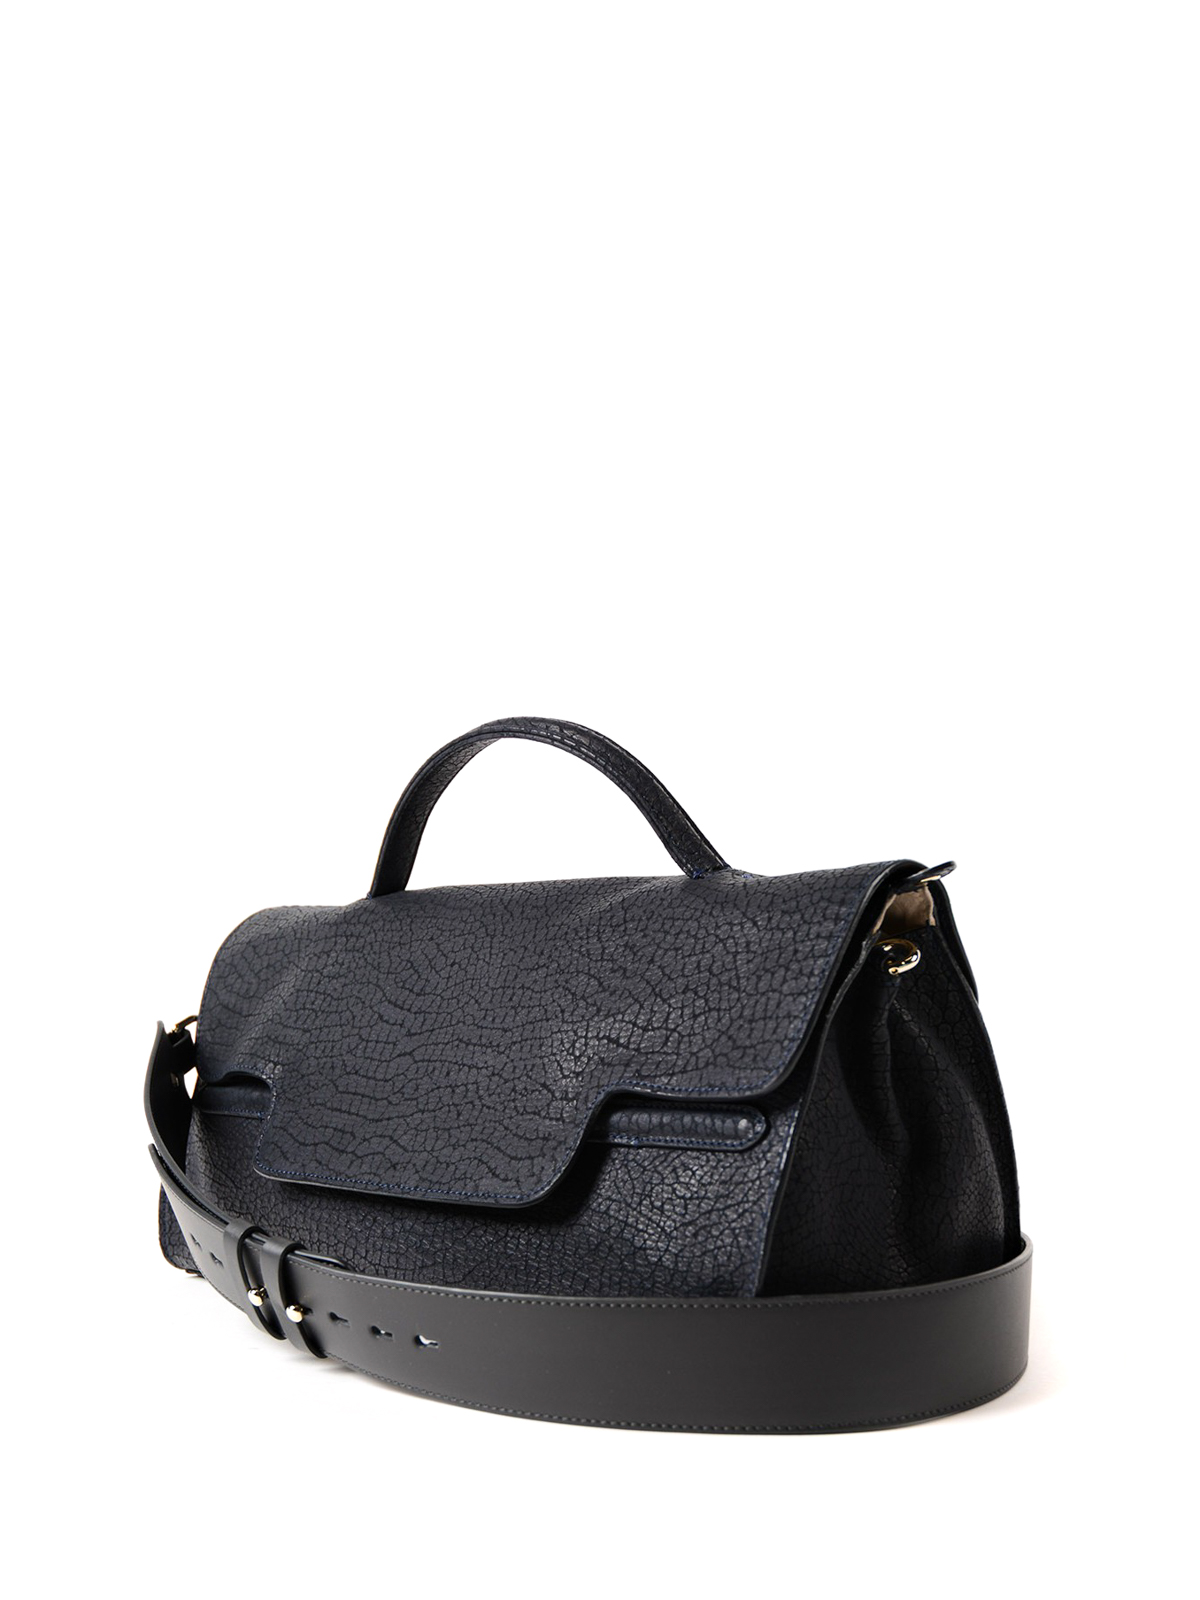 Zanellato Nina-Desert medium blue handbag Qr6aF